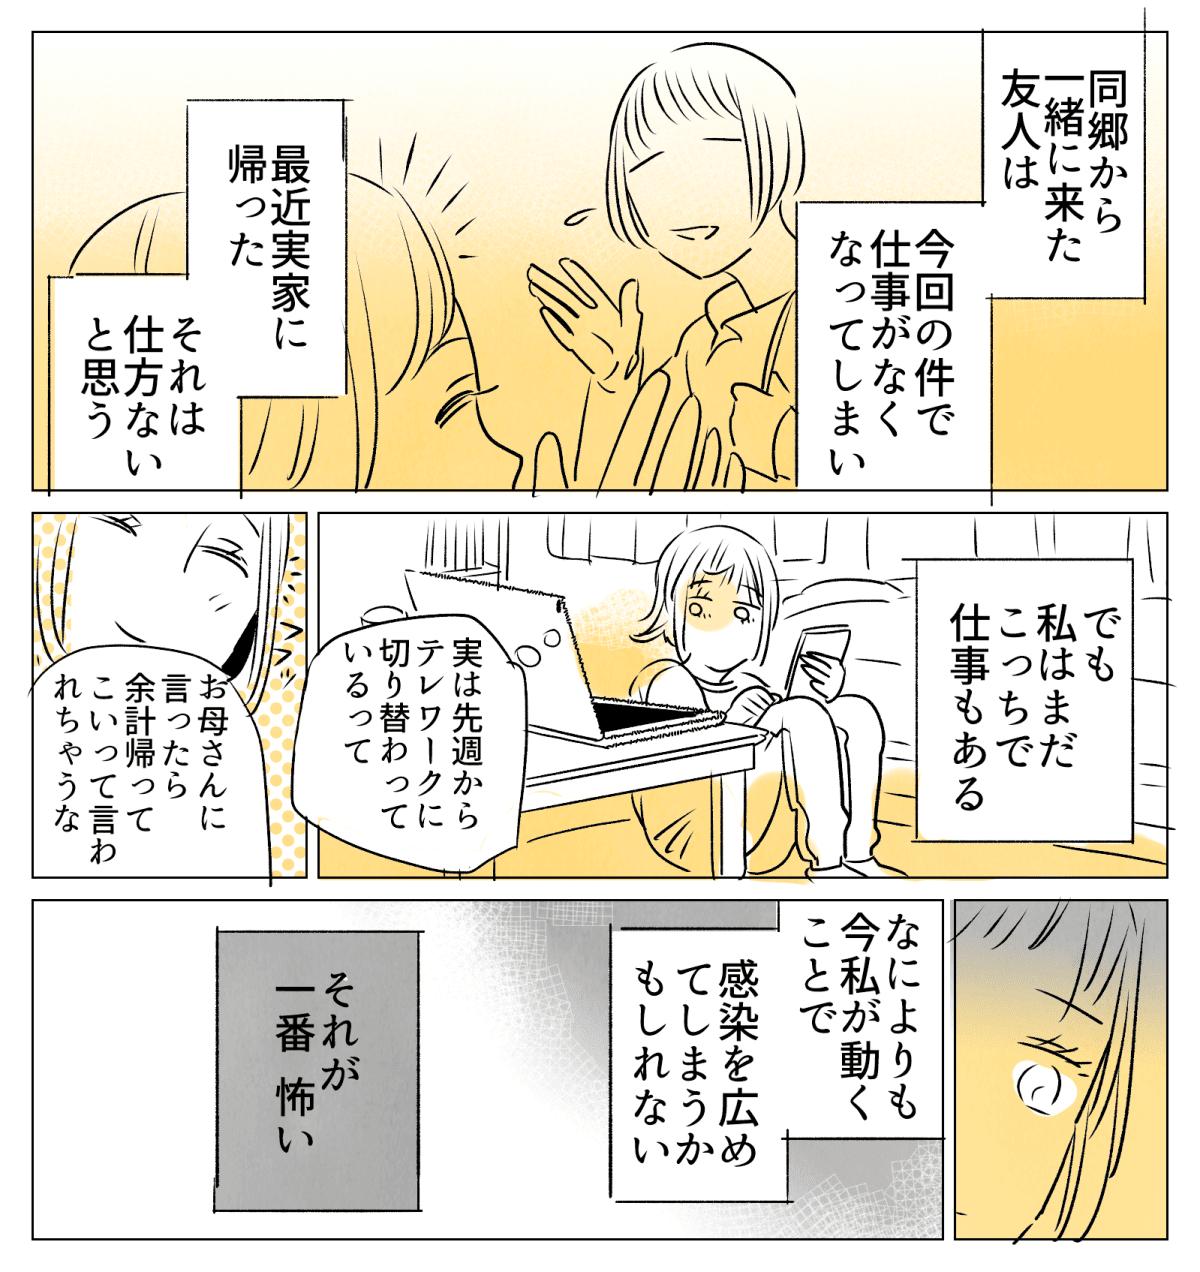 「帰ってきて!」感染症が心配な母からの電話【後編】